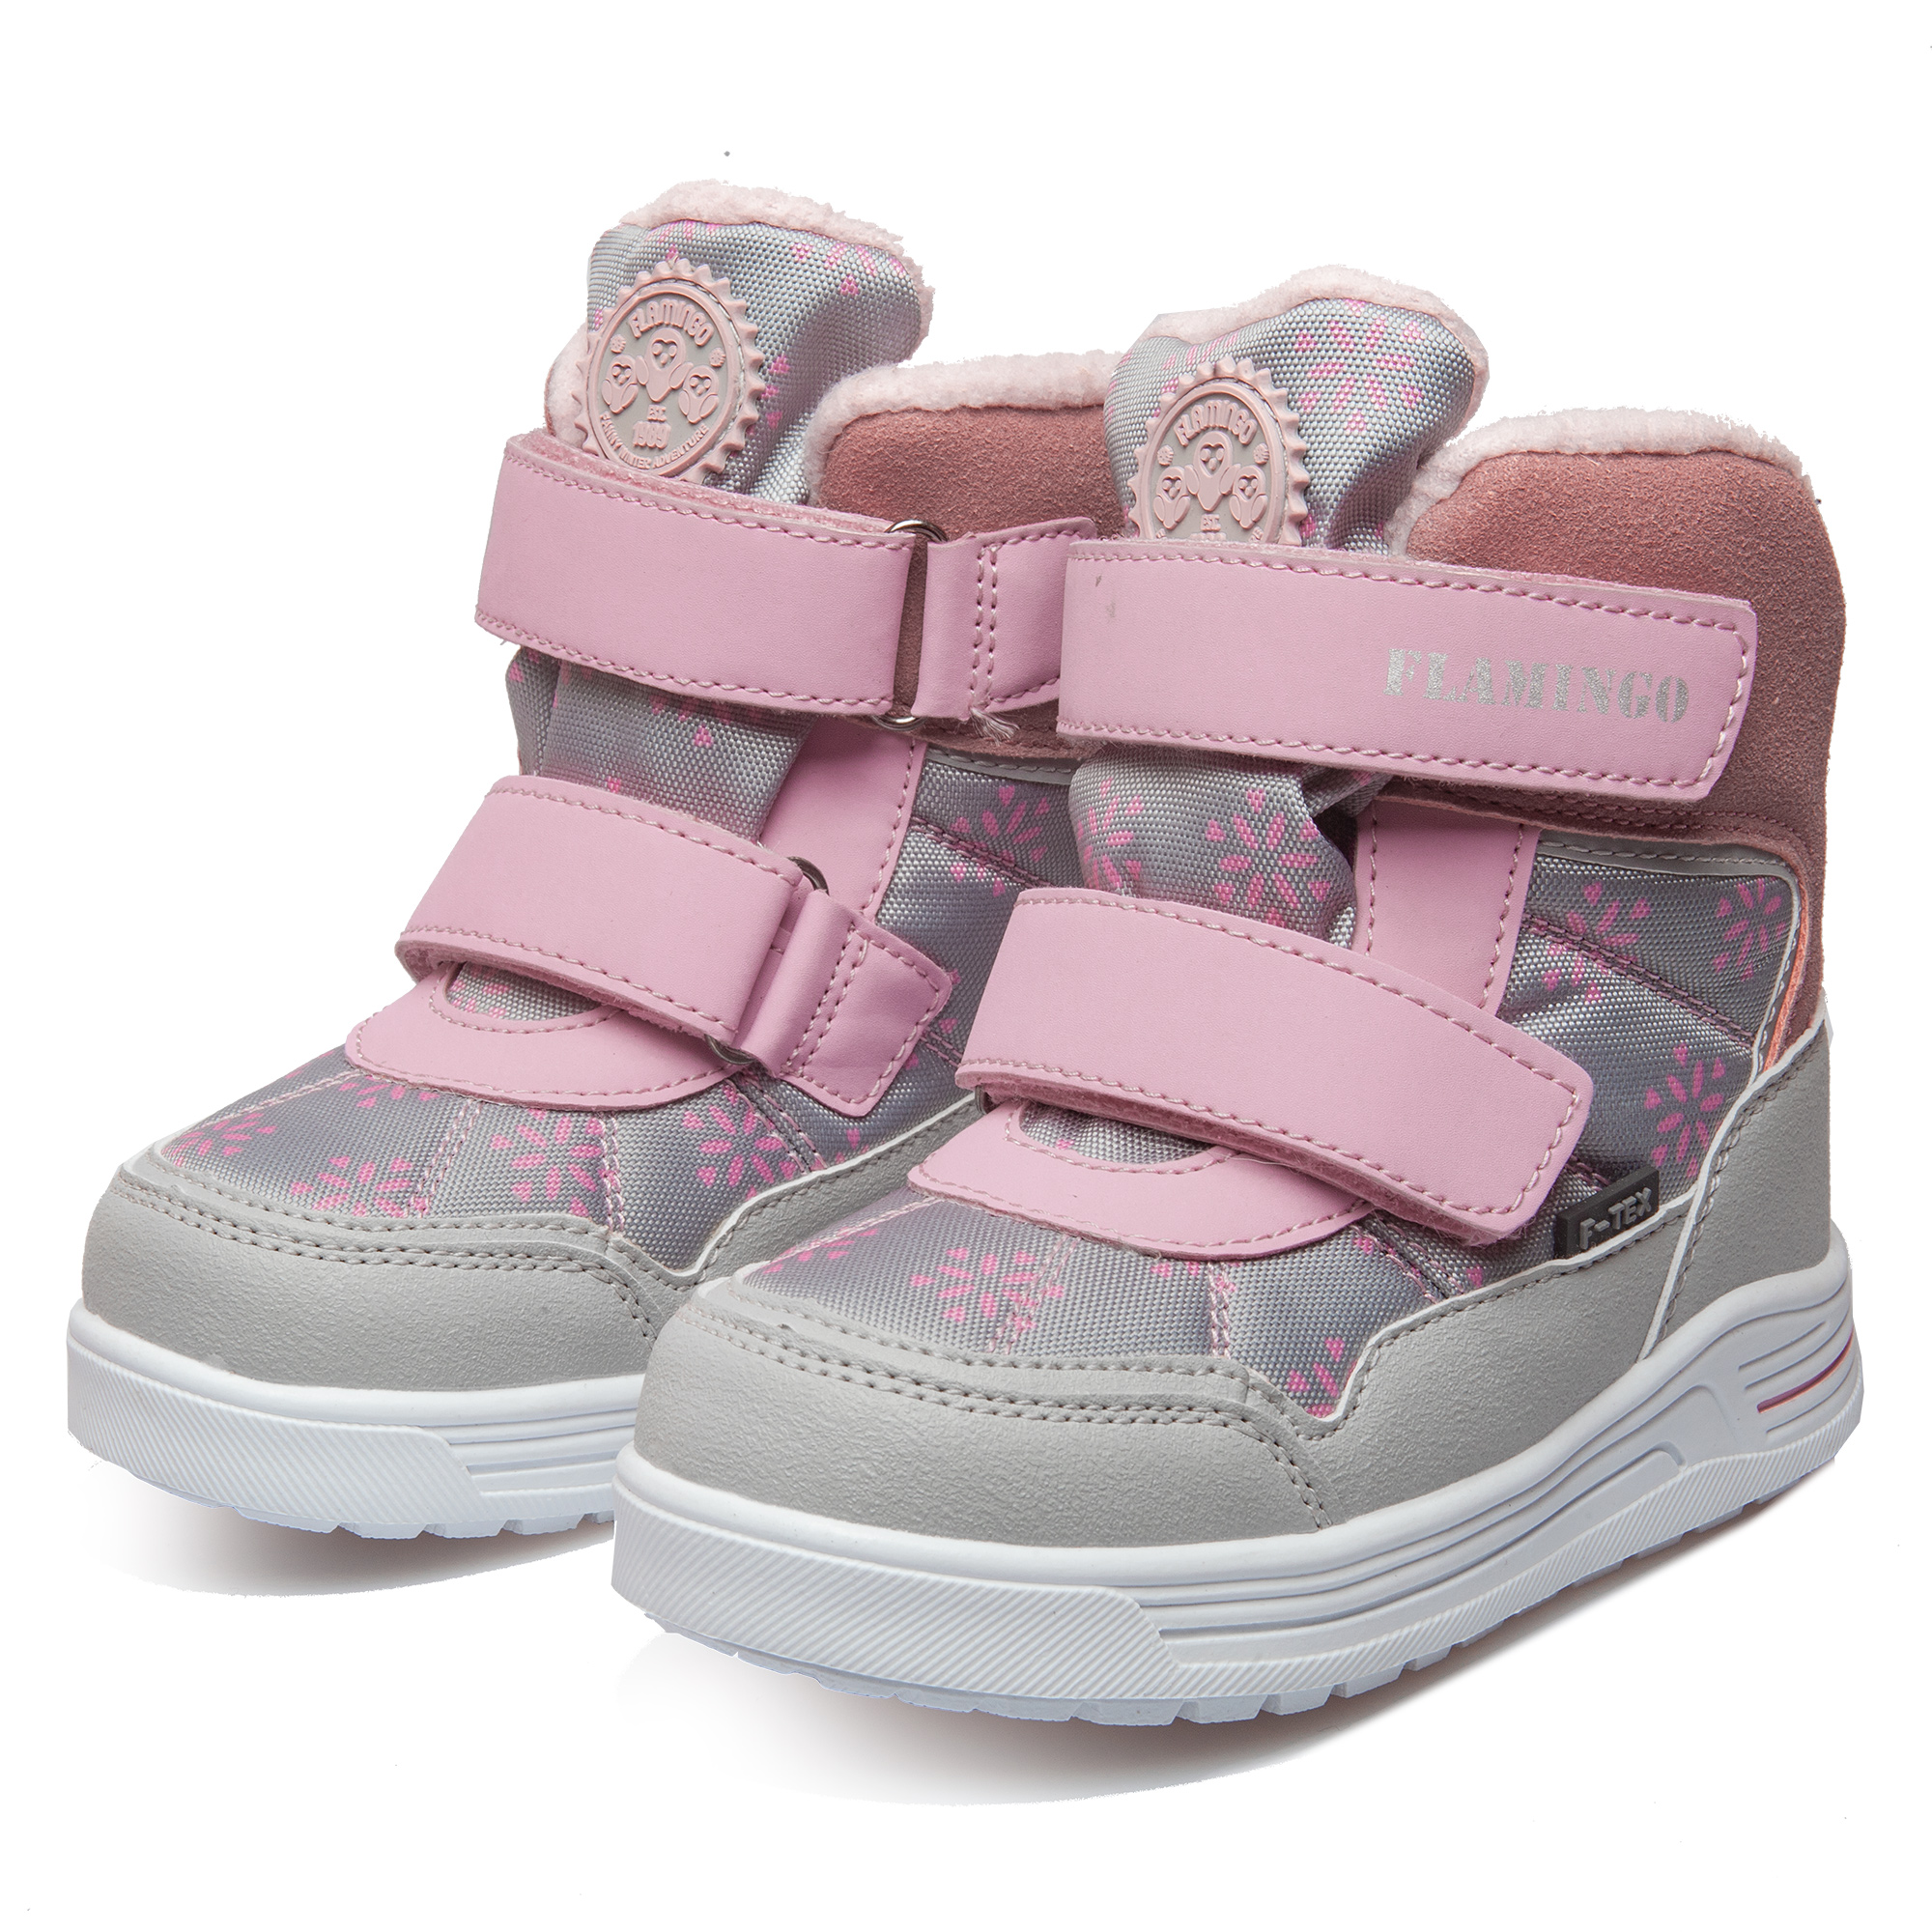 Flamingo chaussures 92m-tg-1675 chaussures pour enfants 23-28 #